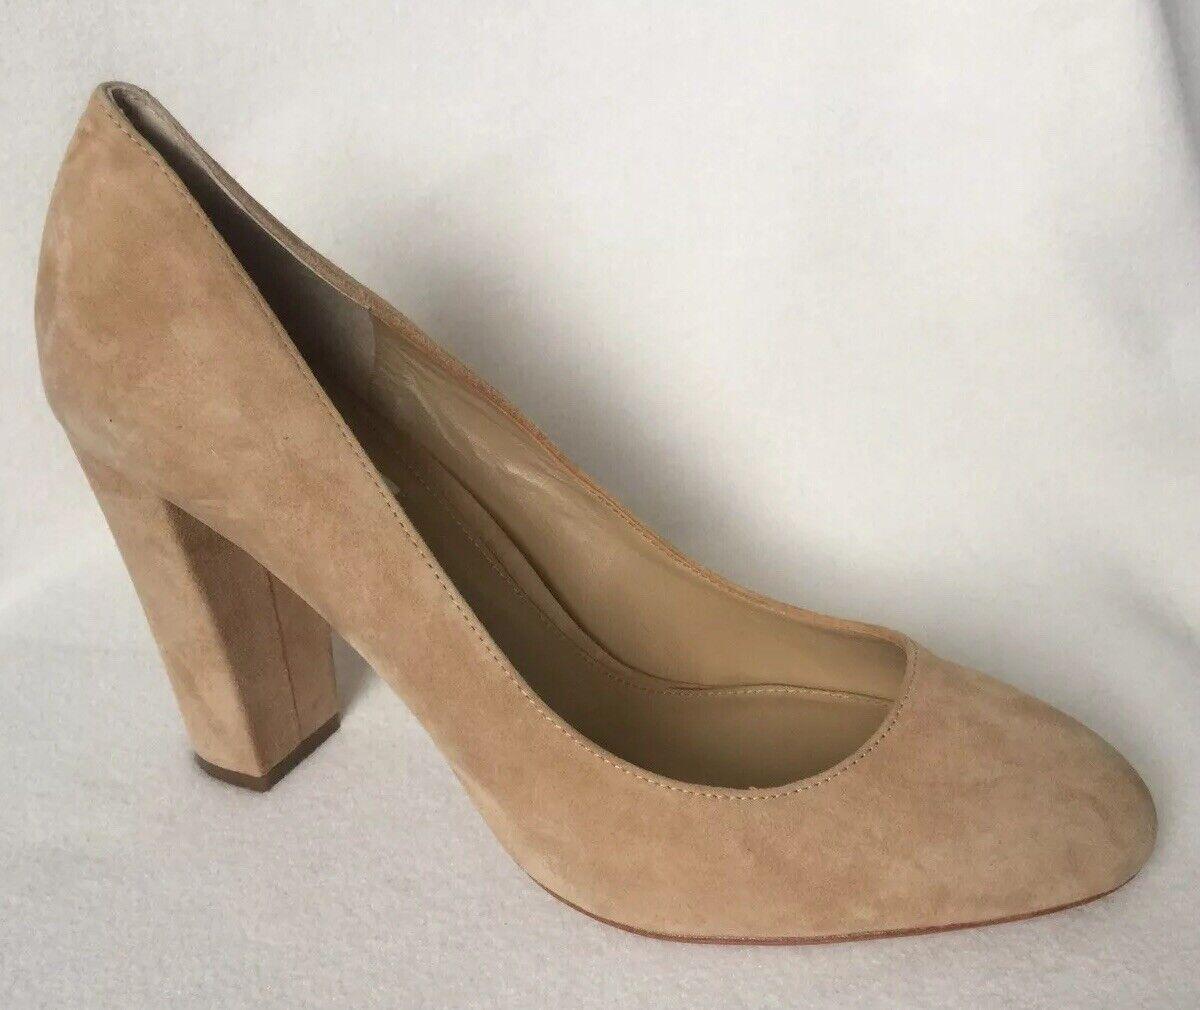 New Ralph Lauren Velda Tan Camel Suede Classic Heels sz 10 B